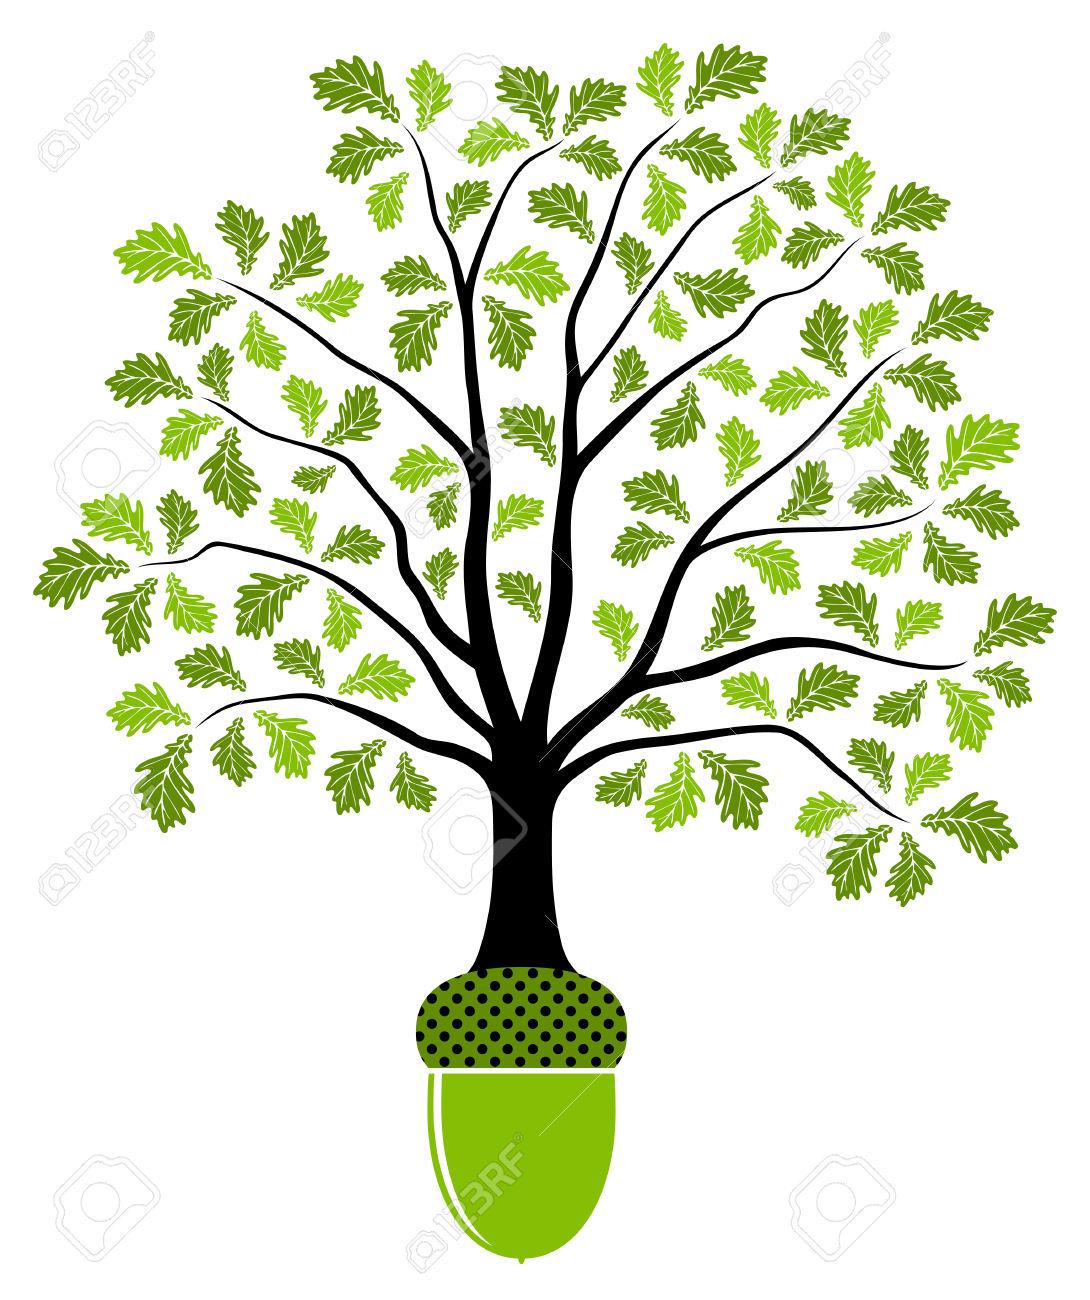 1090x1300 15 Acorn Clipart Oak Leaf For Free Download On Mbtskoudsalg